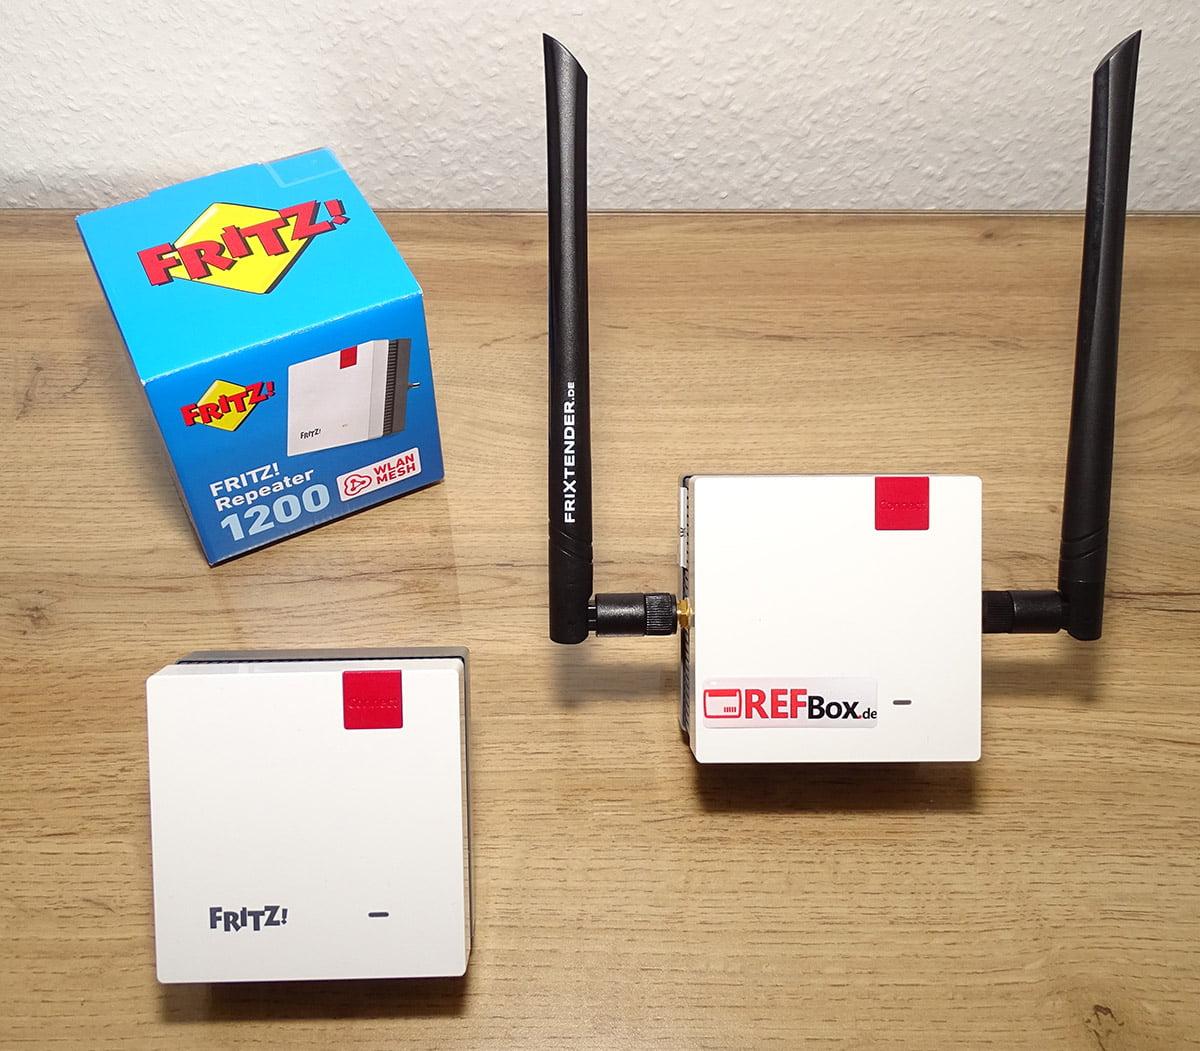 W LAN Repeater 20, 20 und 20 von AVM im Vergleich – REFBox